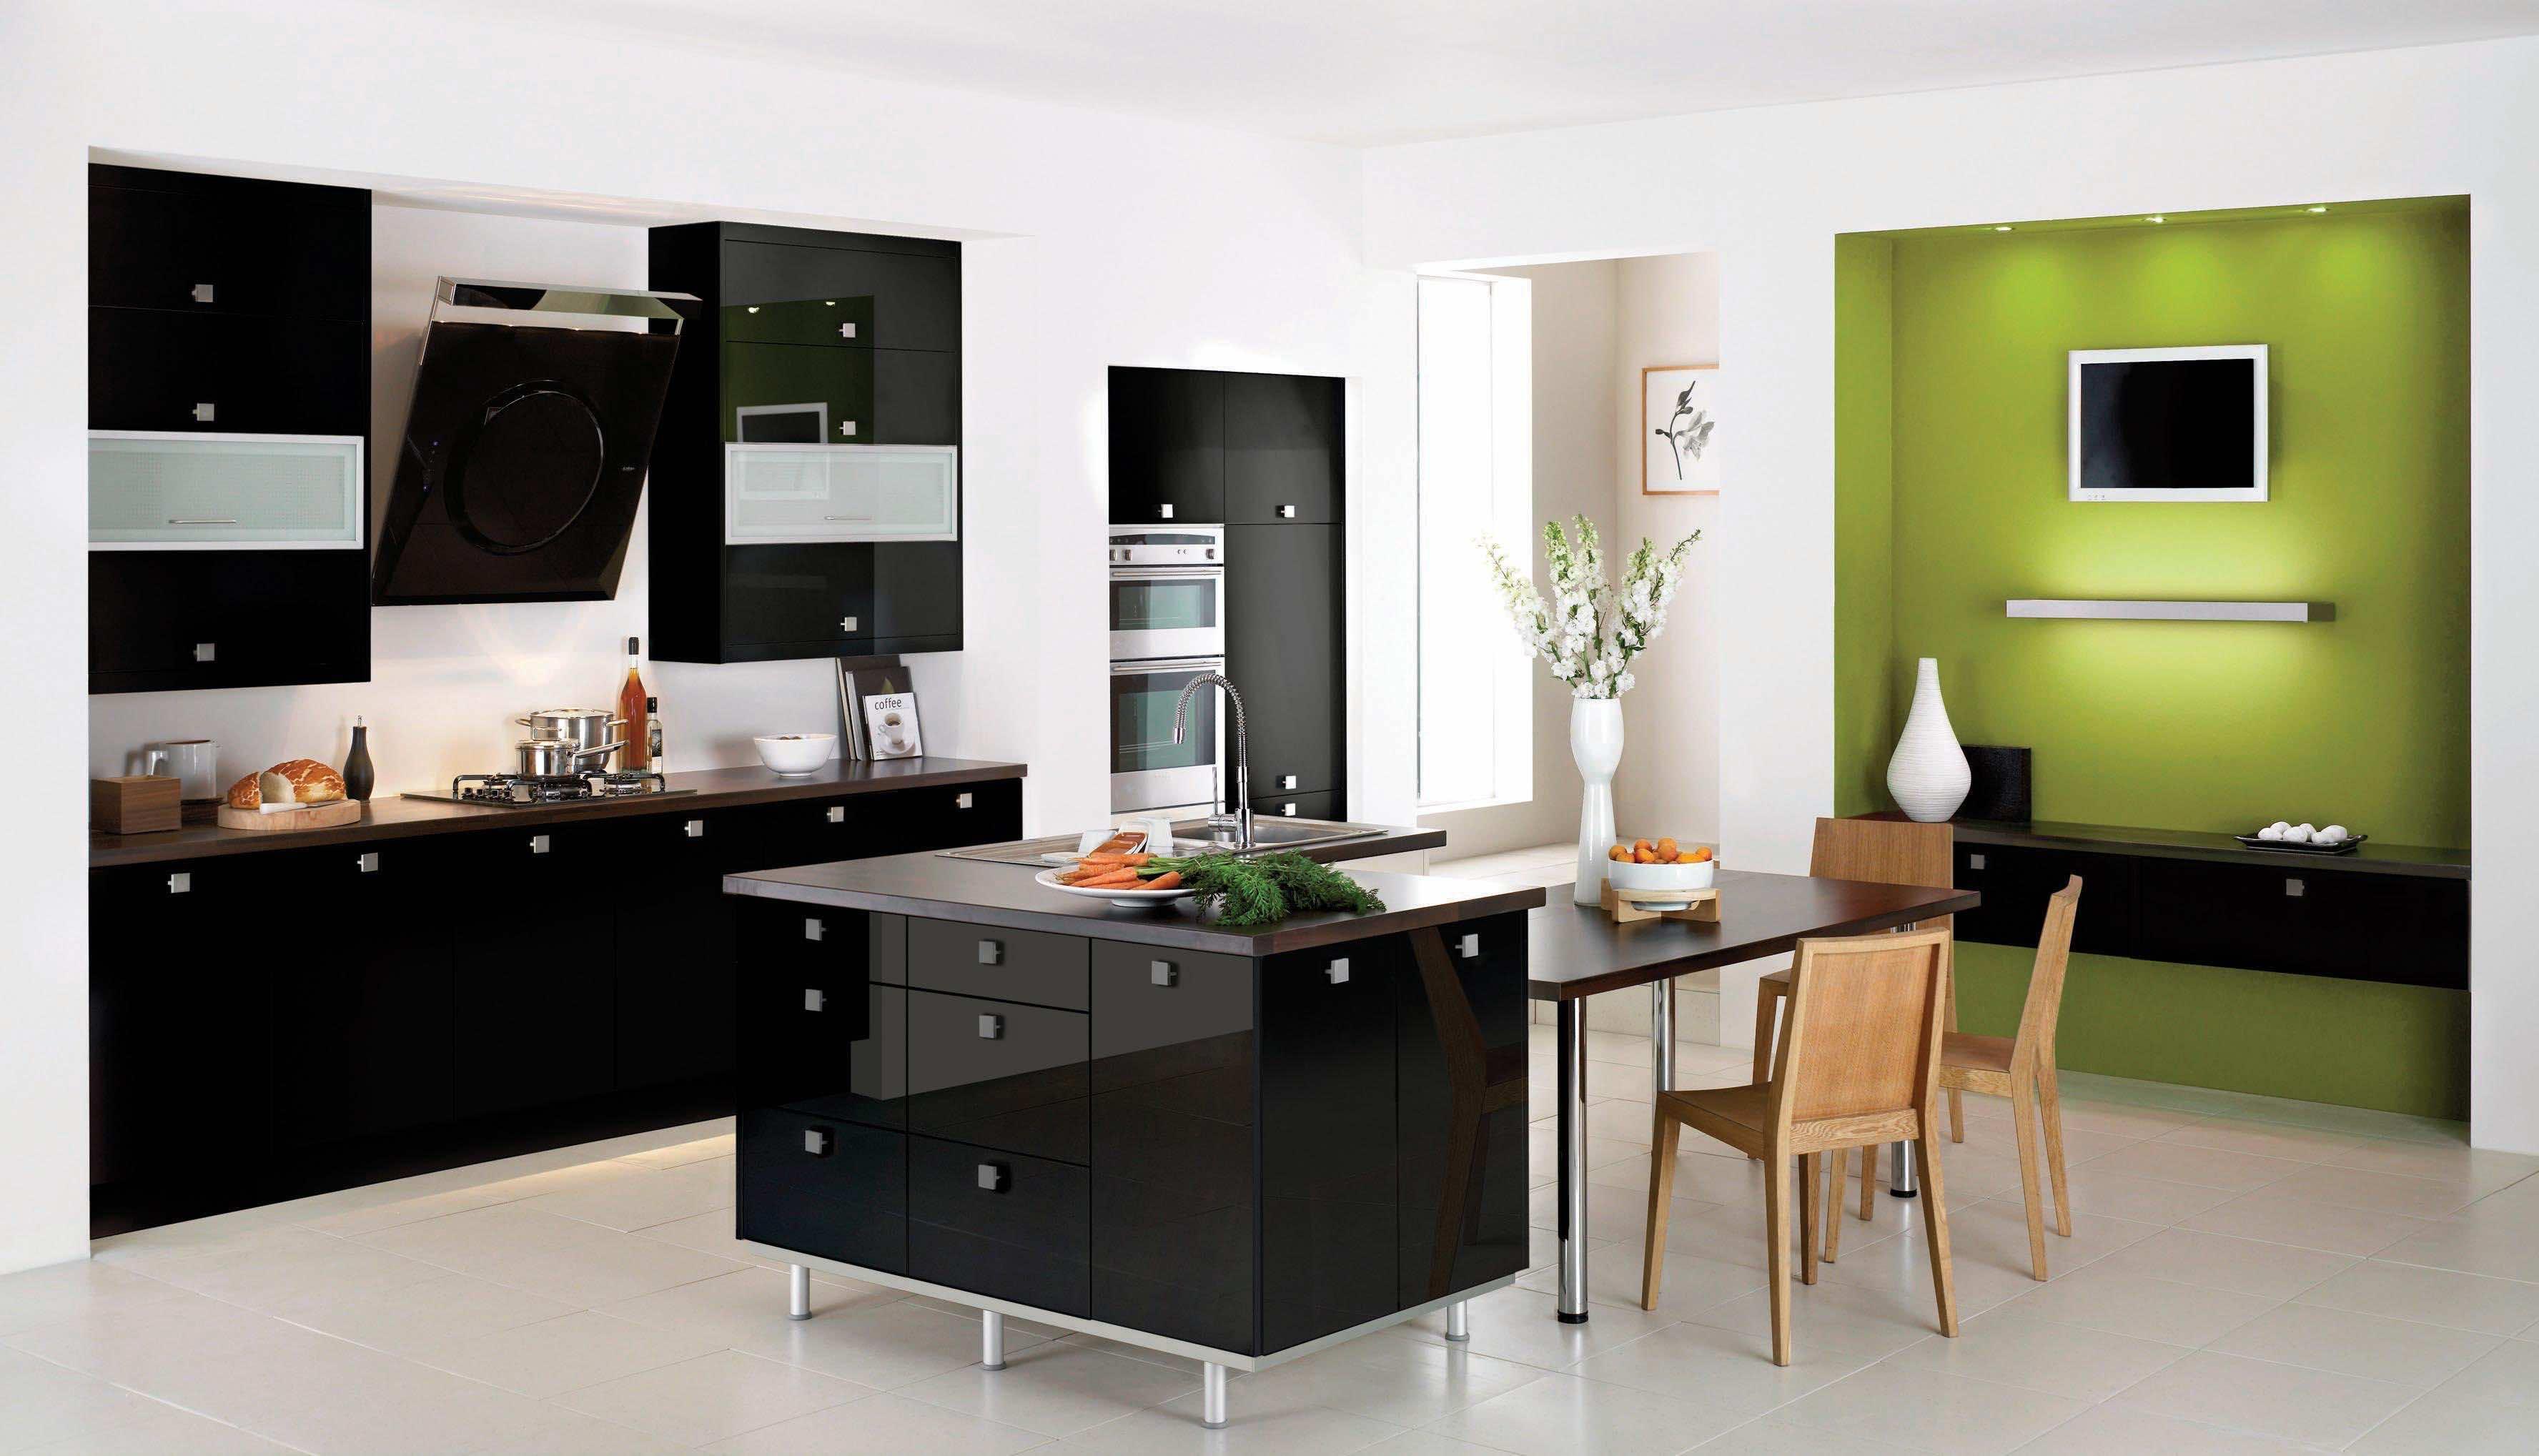 kitchen design ideas 14 - Kitchens Design Ideas